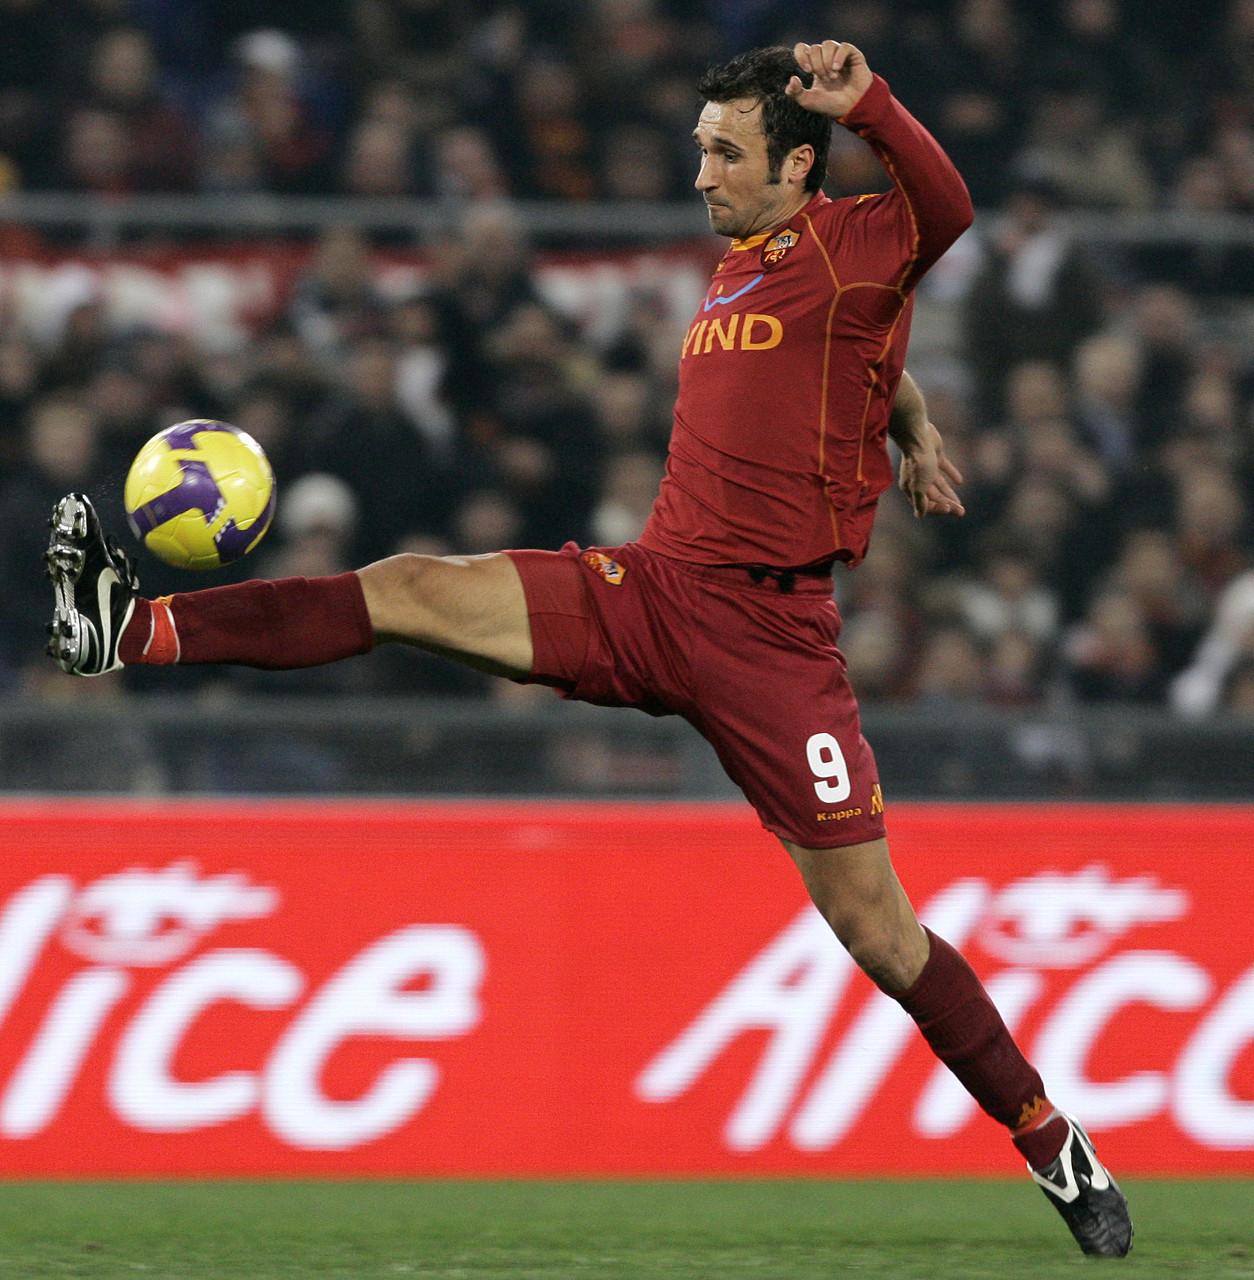 武齐尼奇回想罗马09-10赛季失冠:创伤将随同我一生